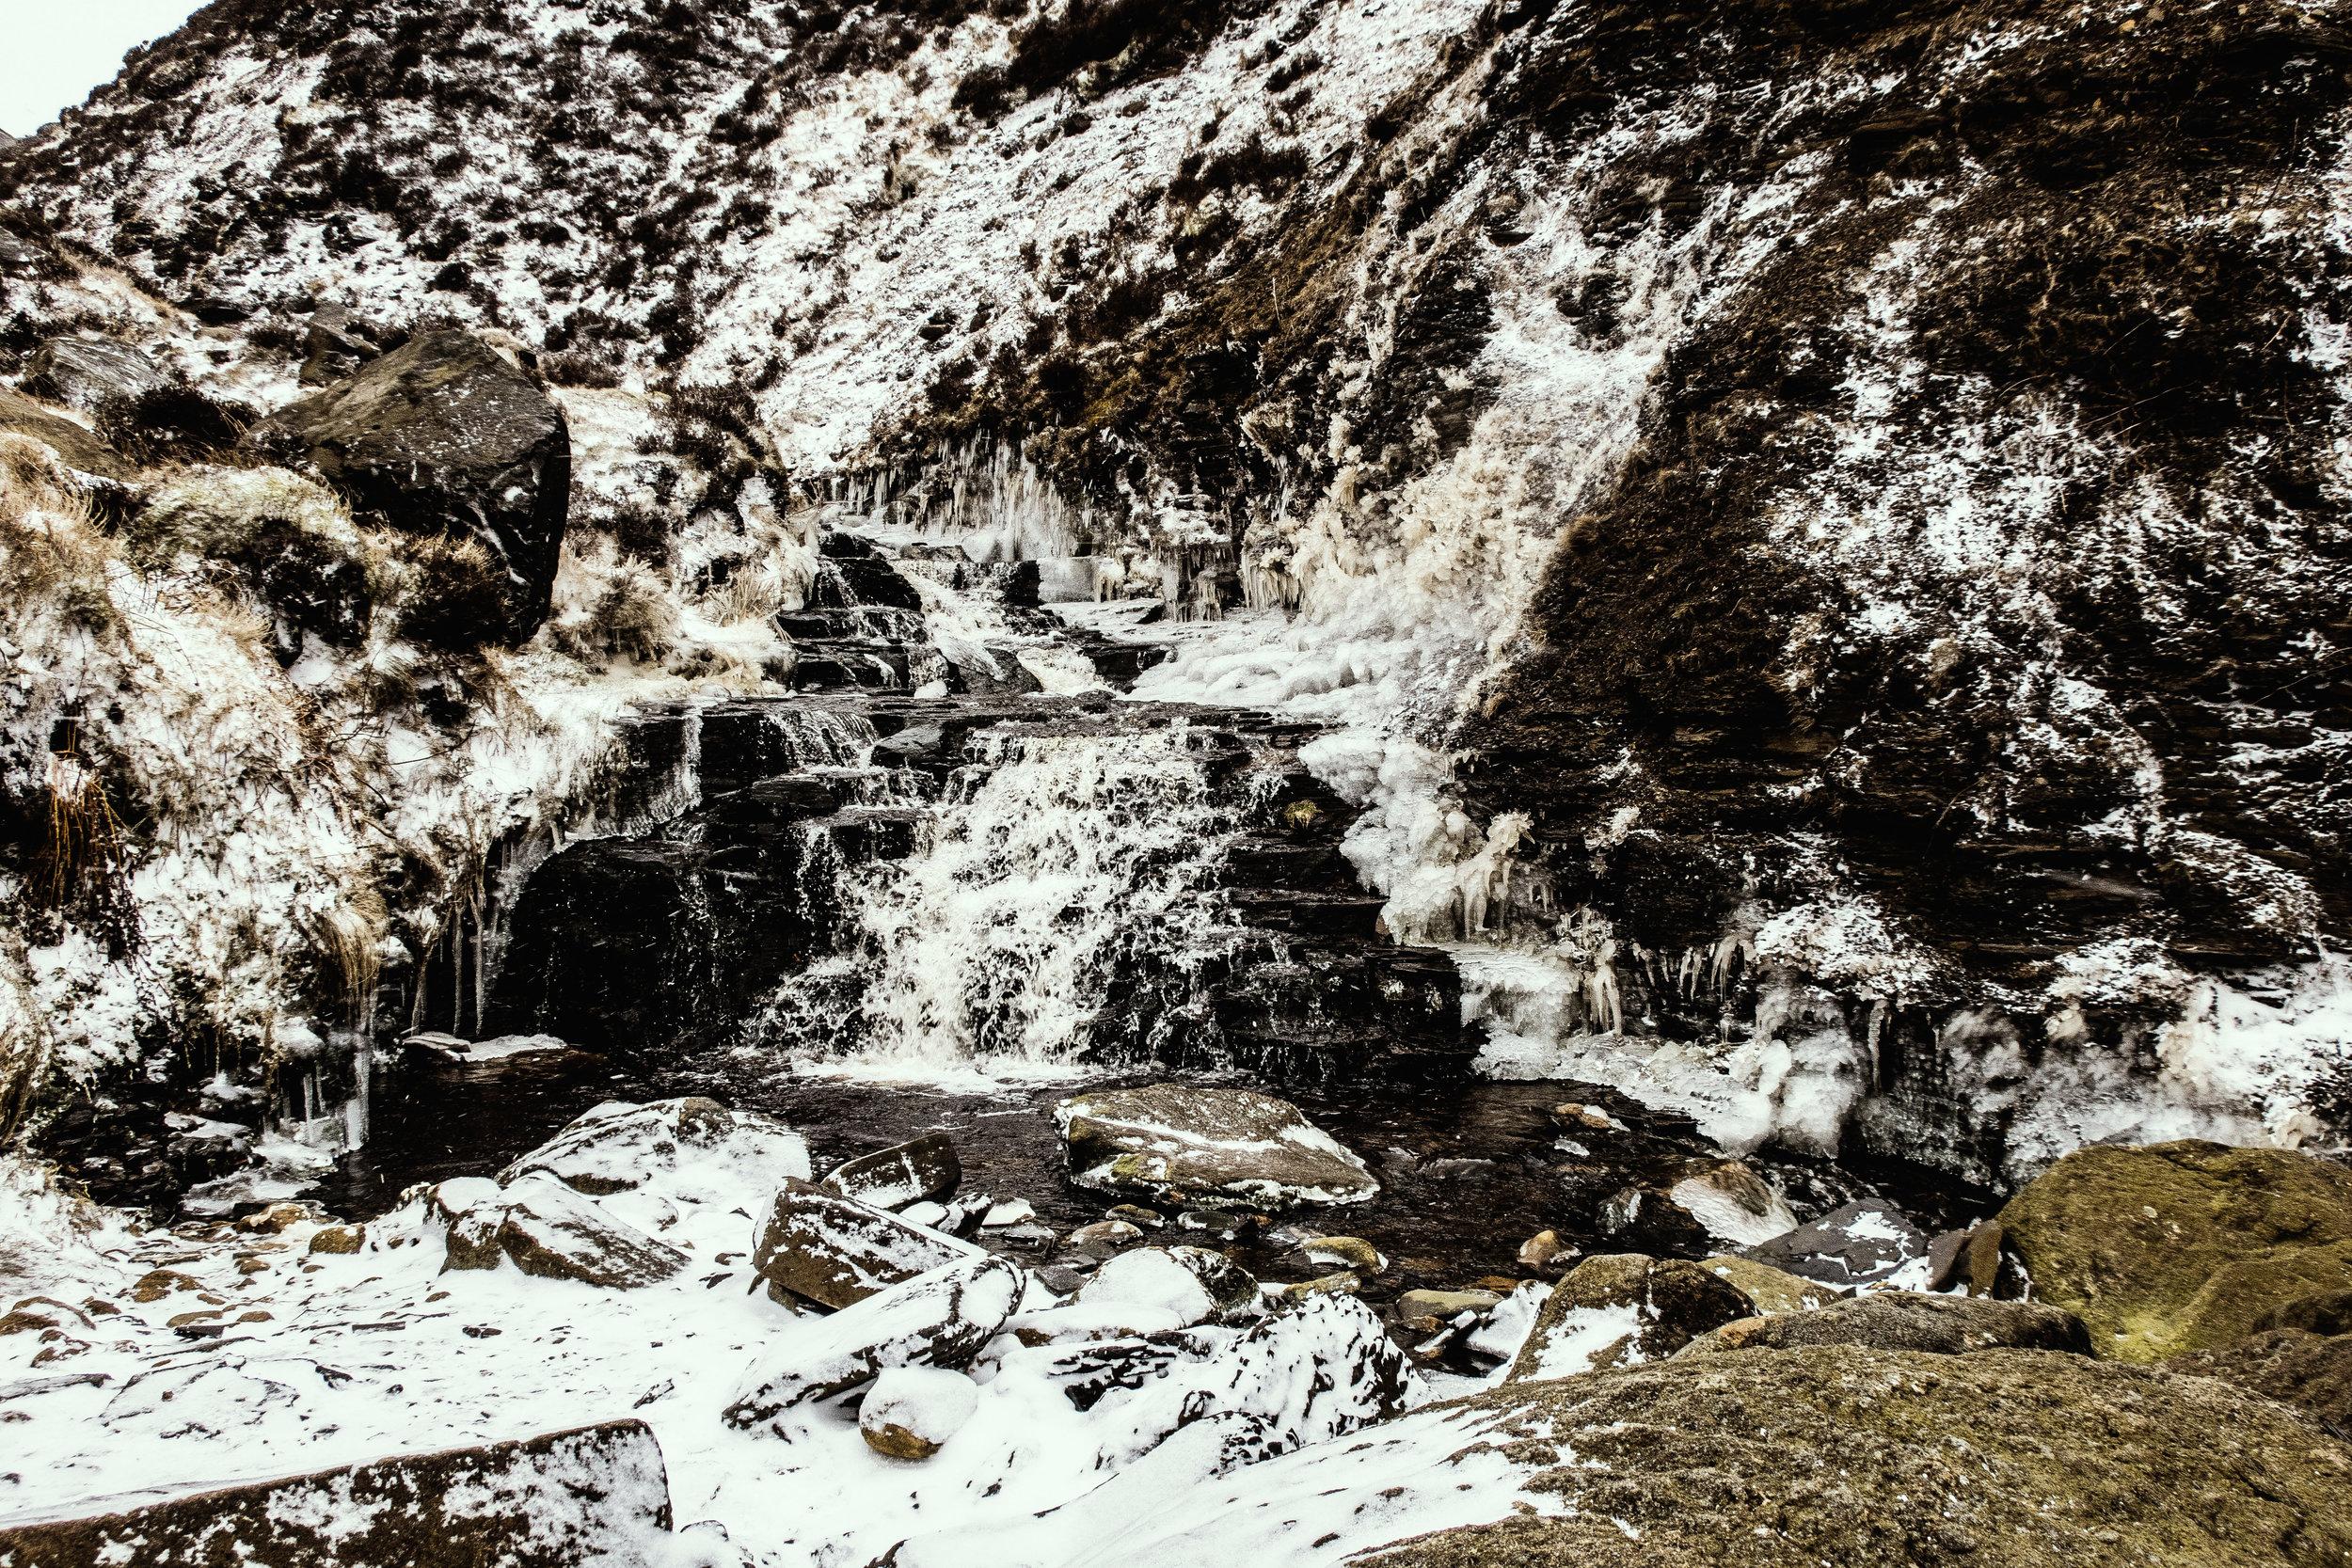 A frozen waterful